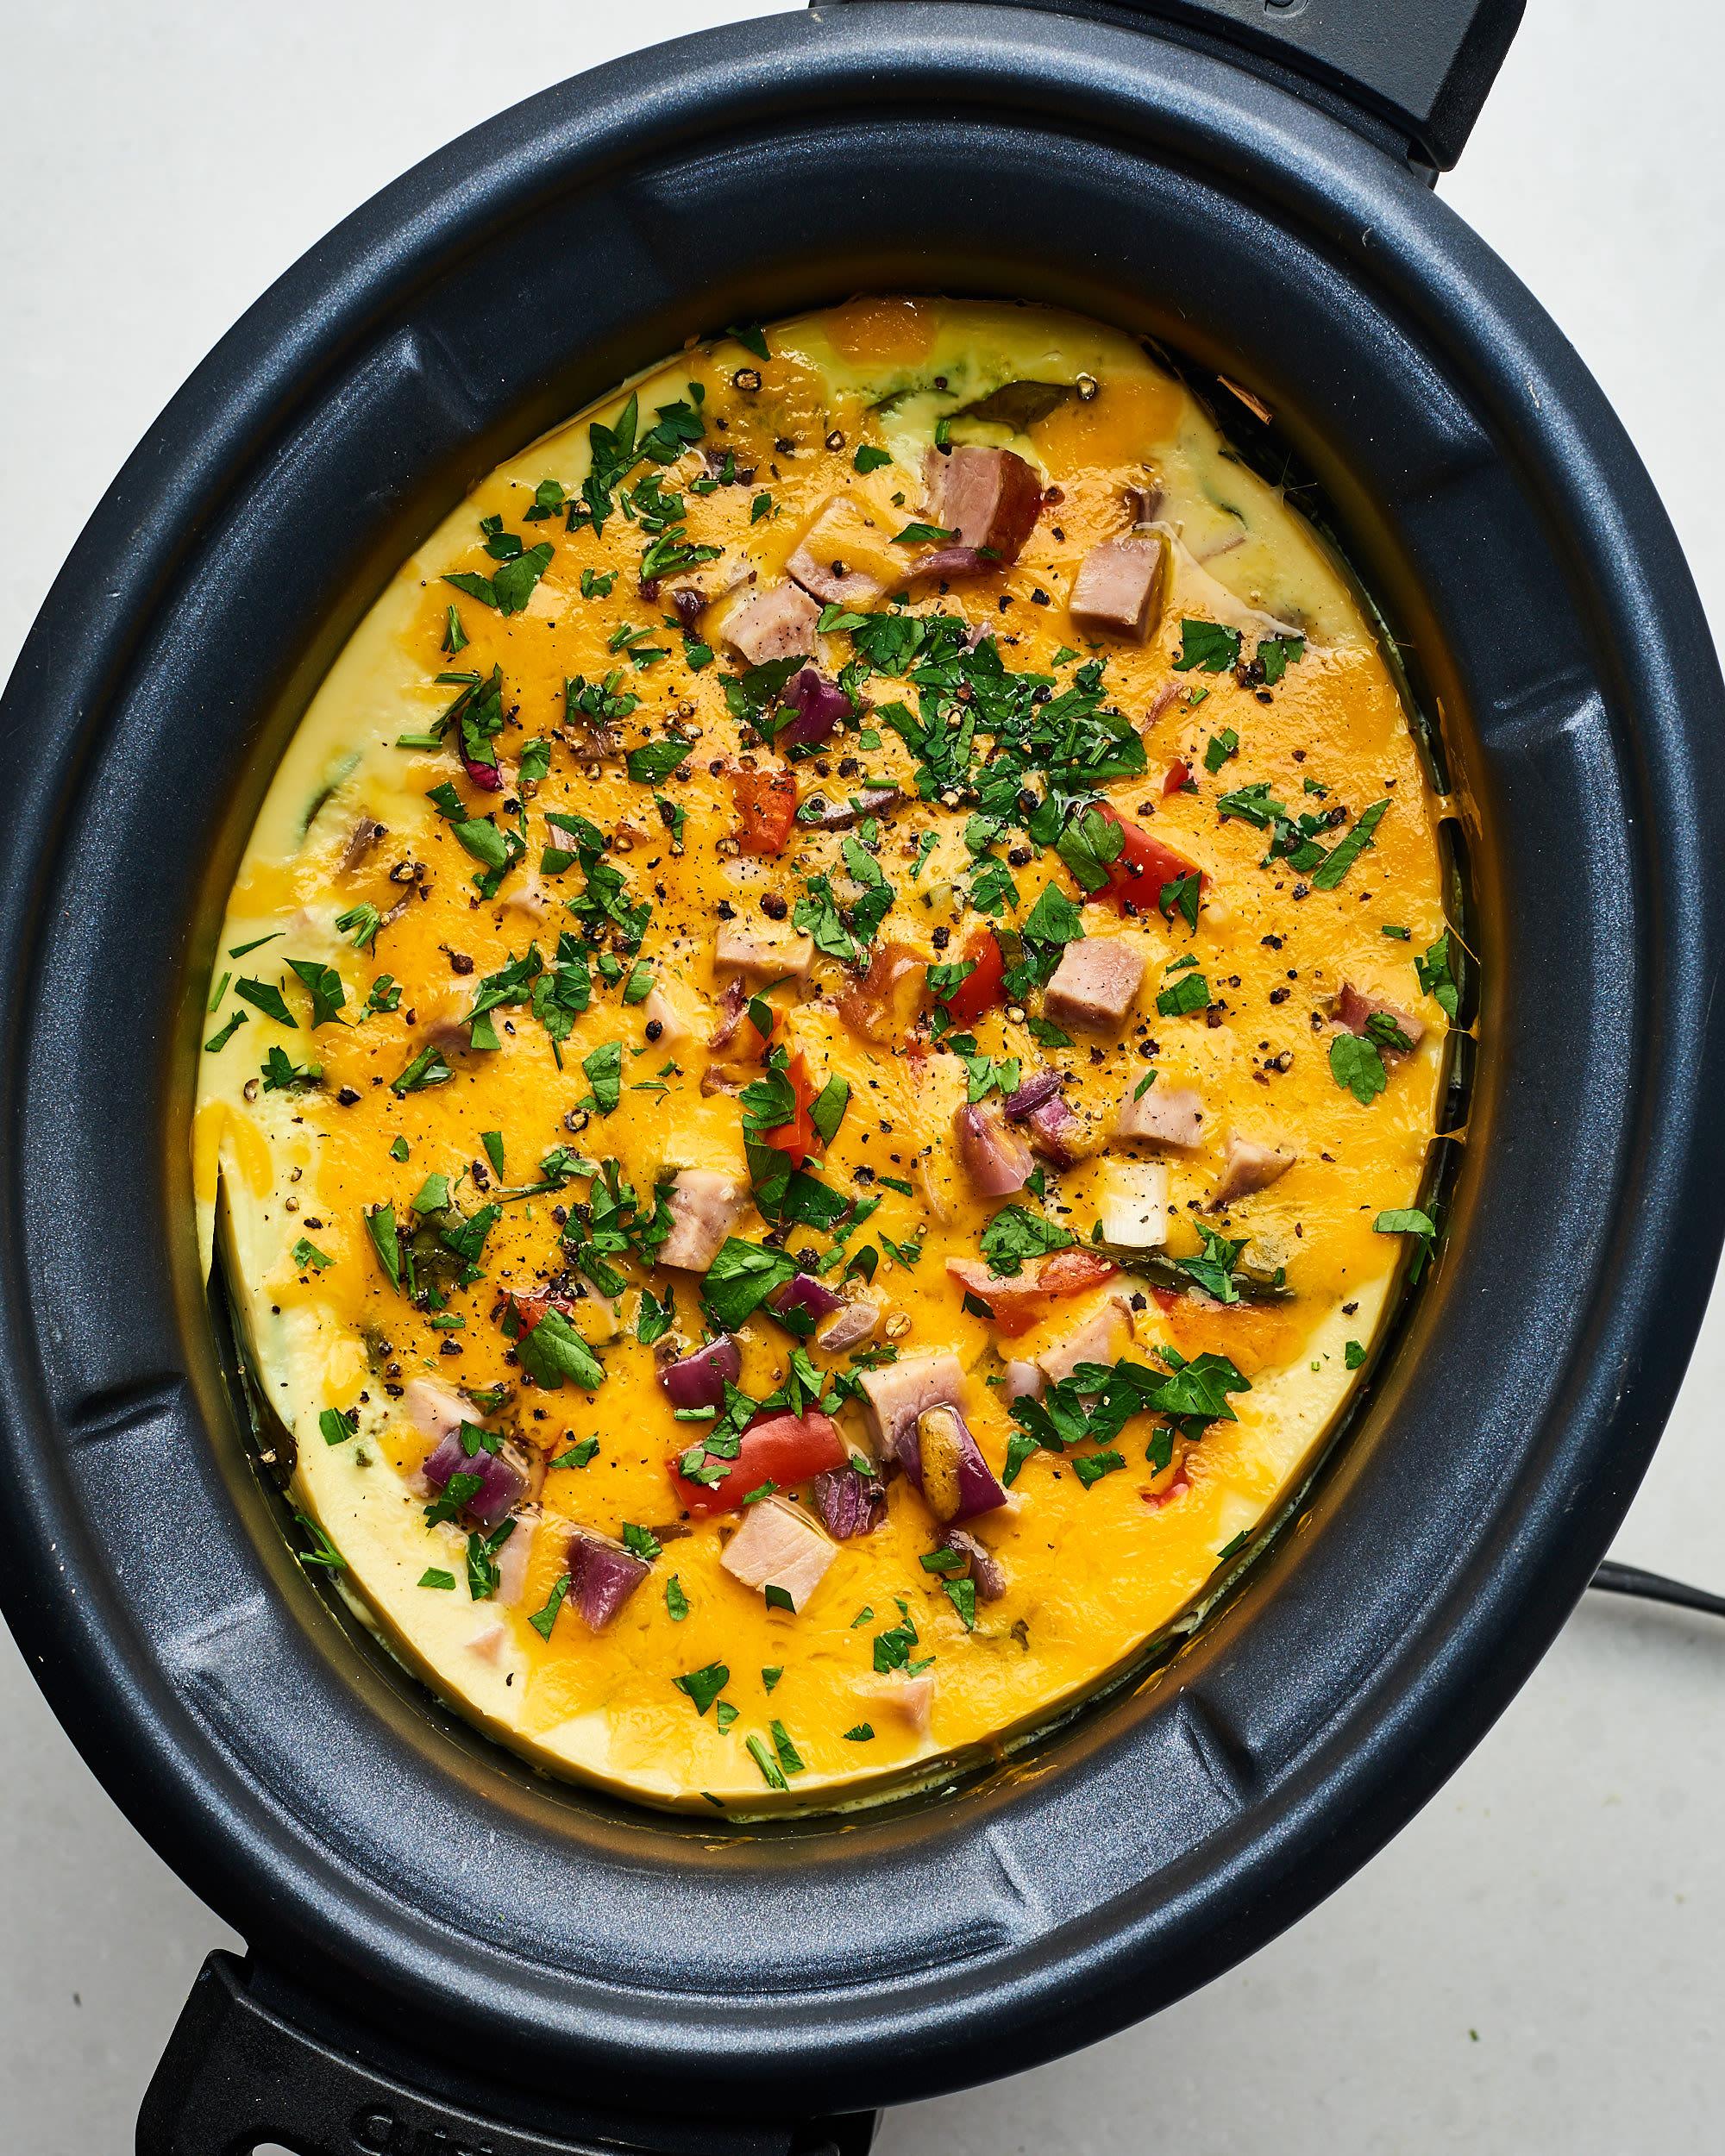 Recipe: Overnight Crock-Pot Breakfast Casserole